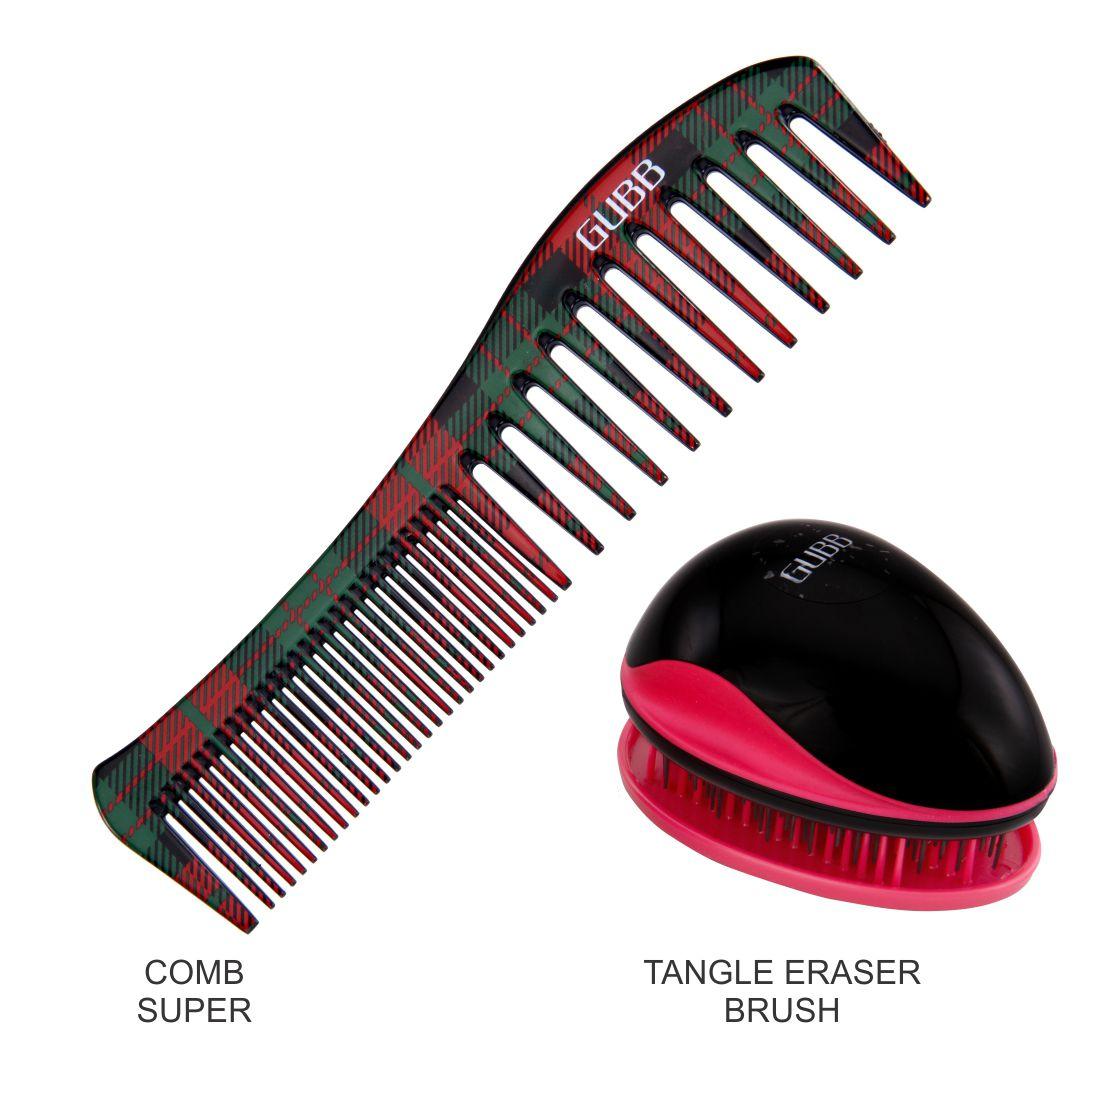 Gubb TANGLED HAIR BRUSH, HAIR COMB TANGLED HAIR BRUSH COMB COMBO 2 Pack of 2